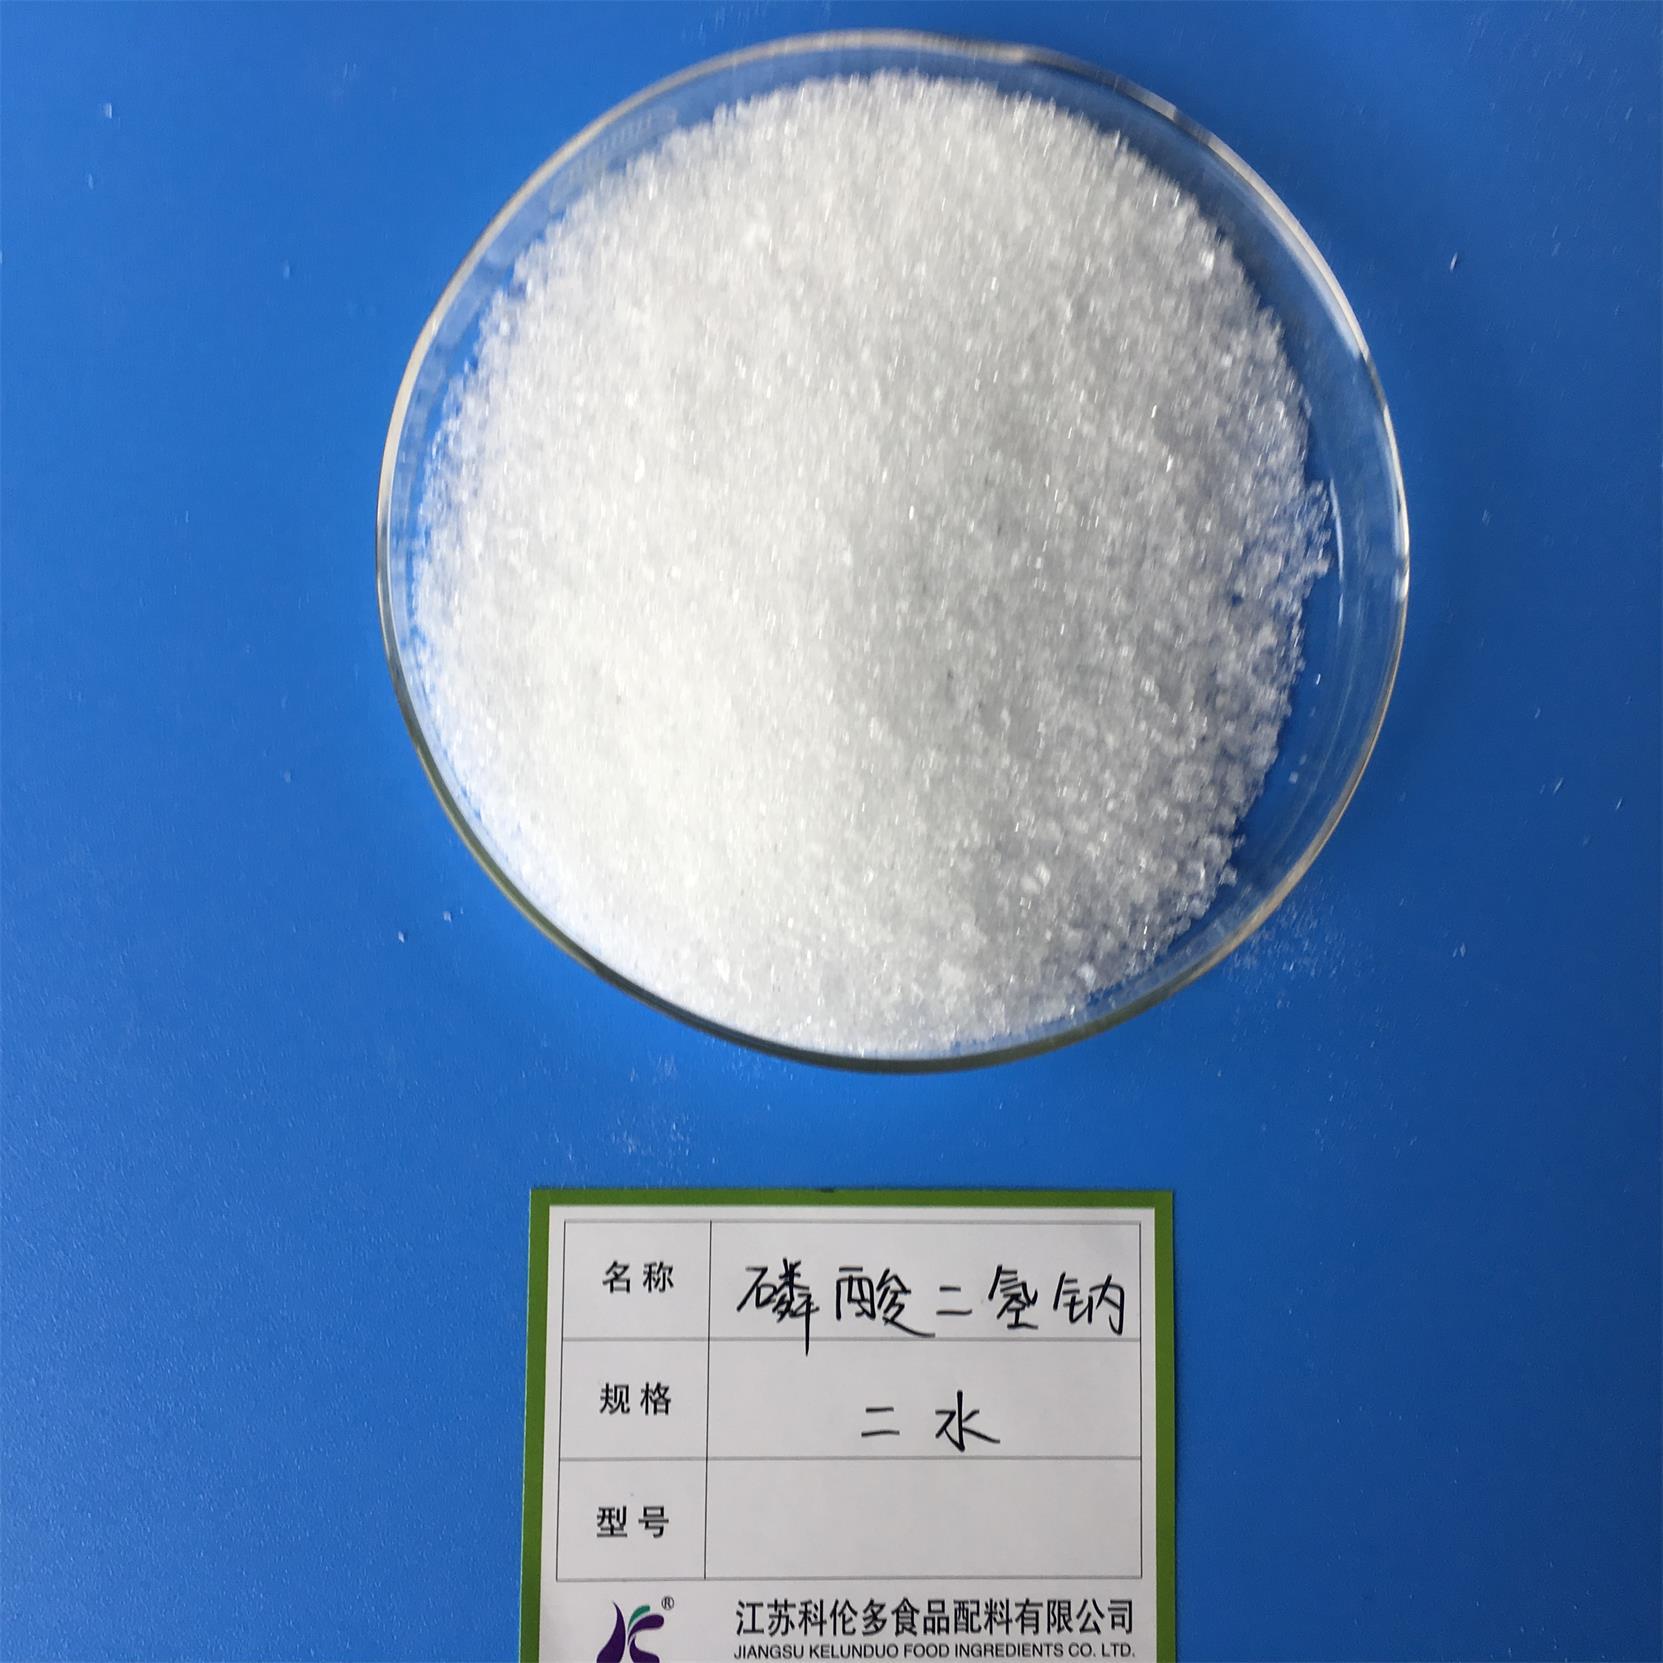 磷酸二氢钠二水